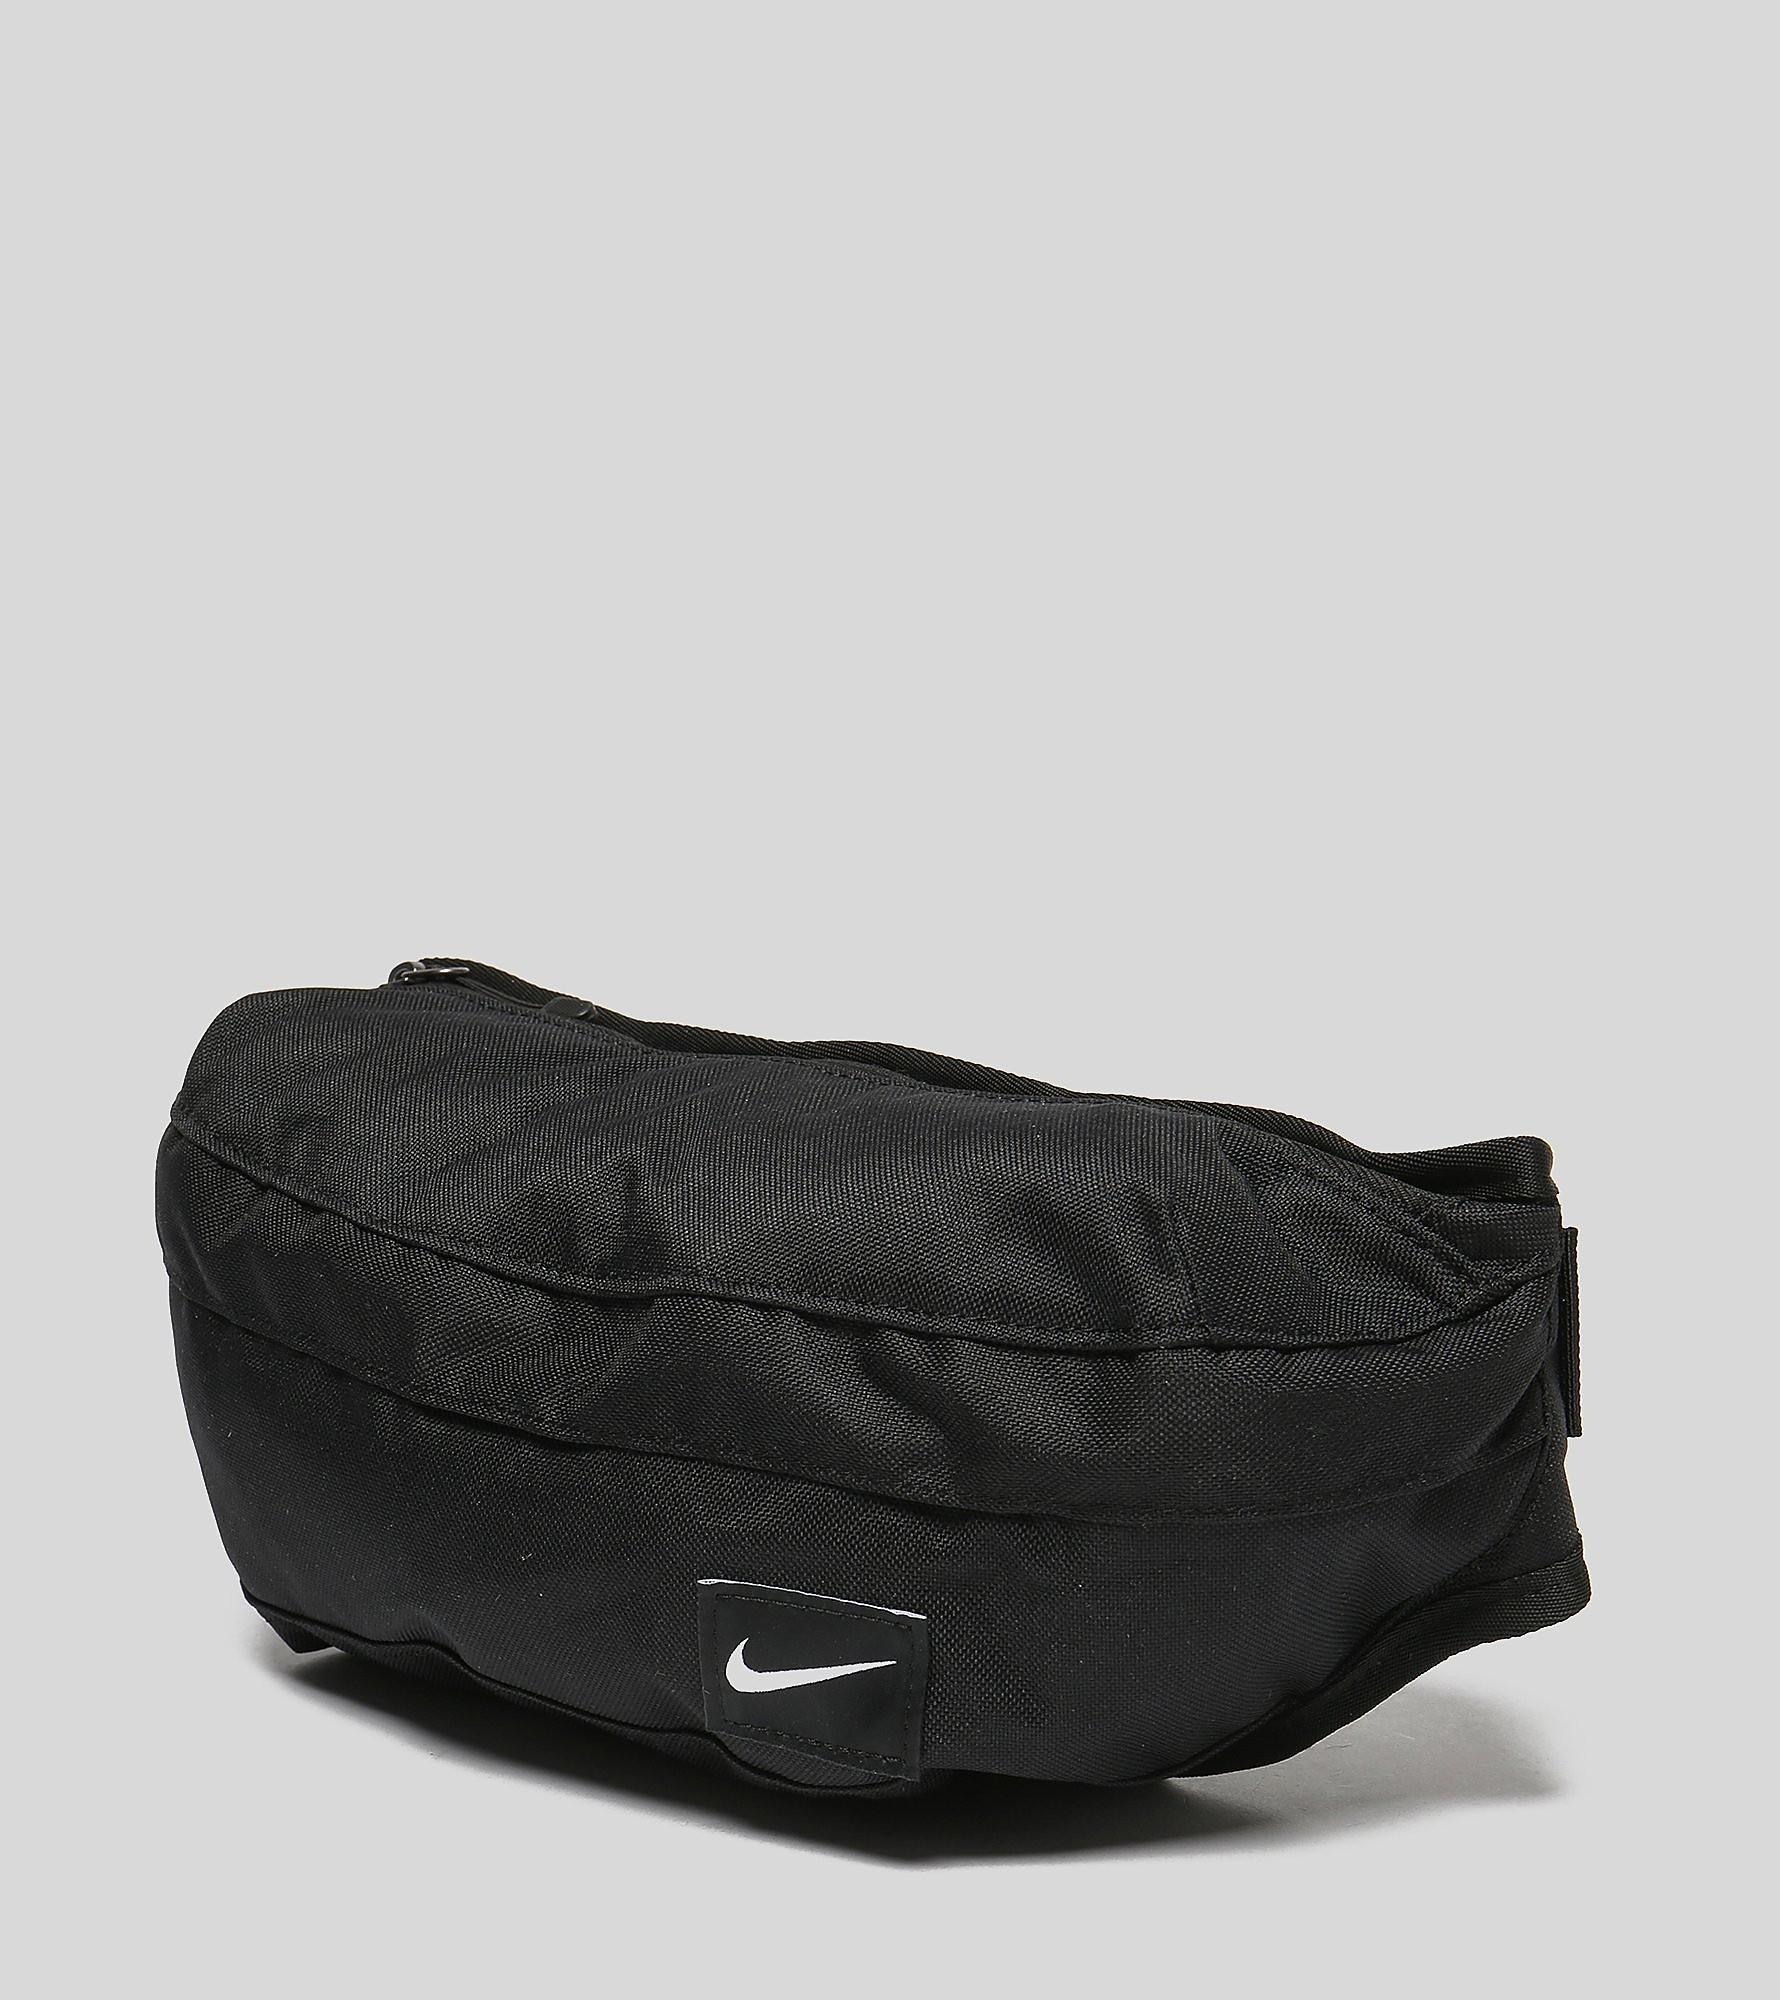 Nike Hood Waist Bag